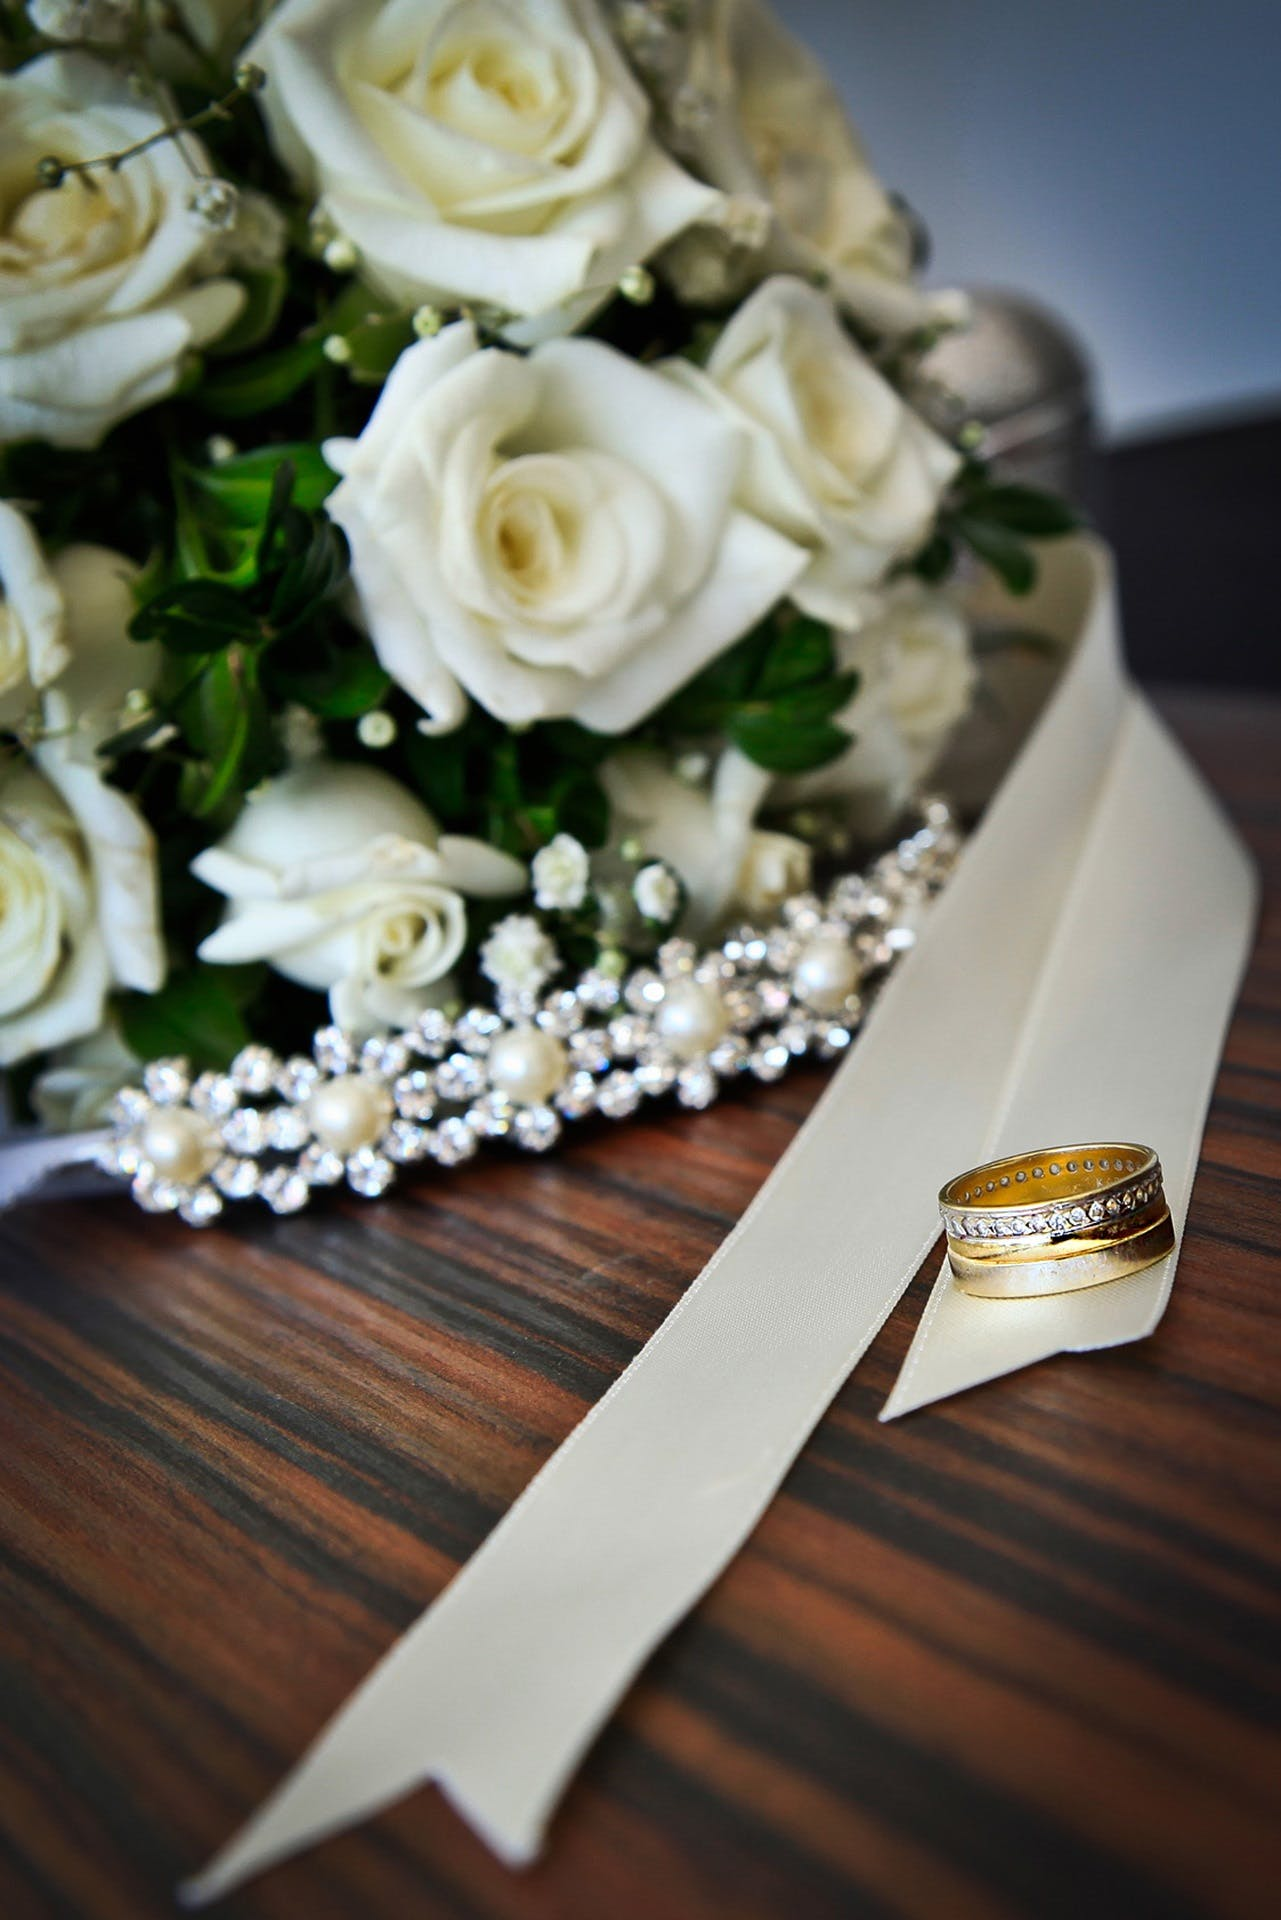 姻緣, 婚禮, 戒指, 花 的 免费素材照片